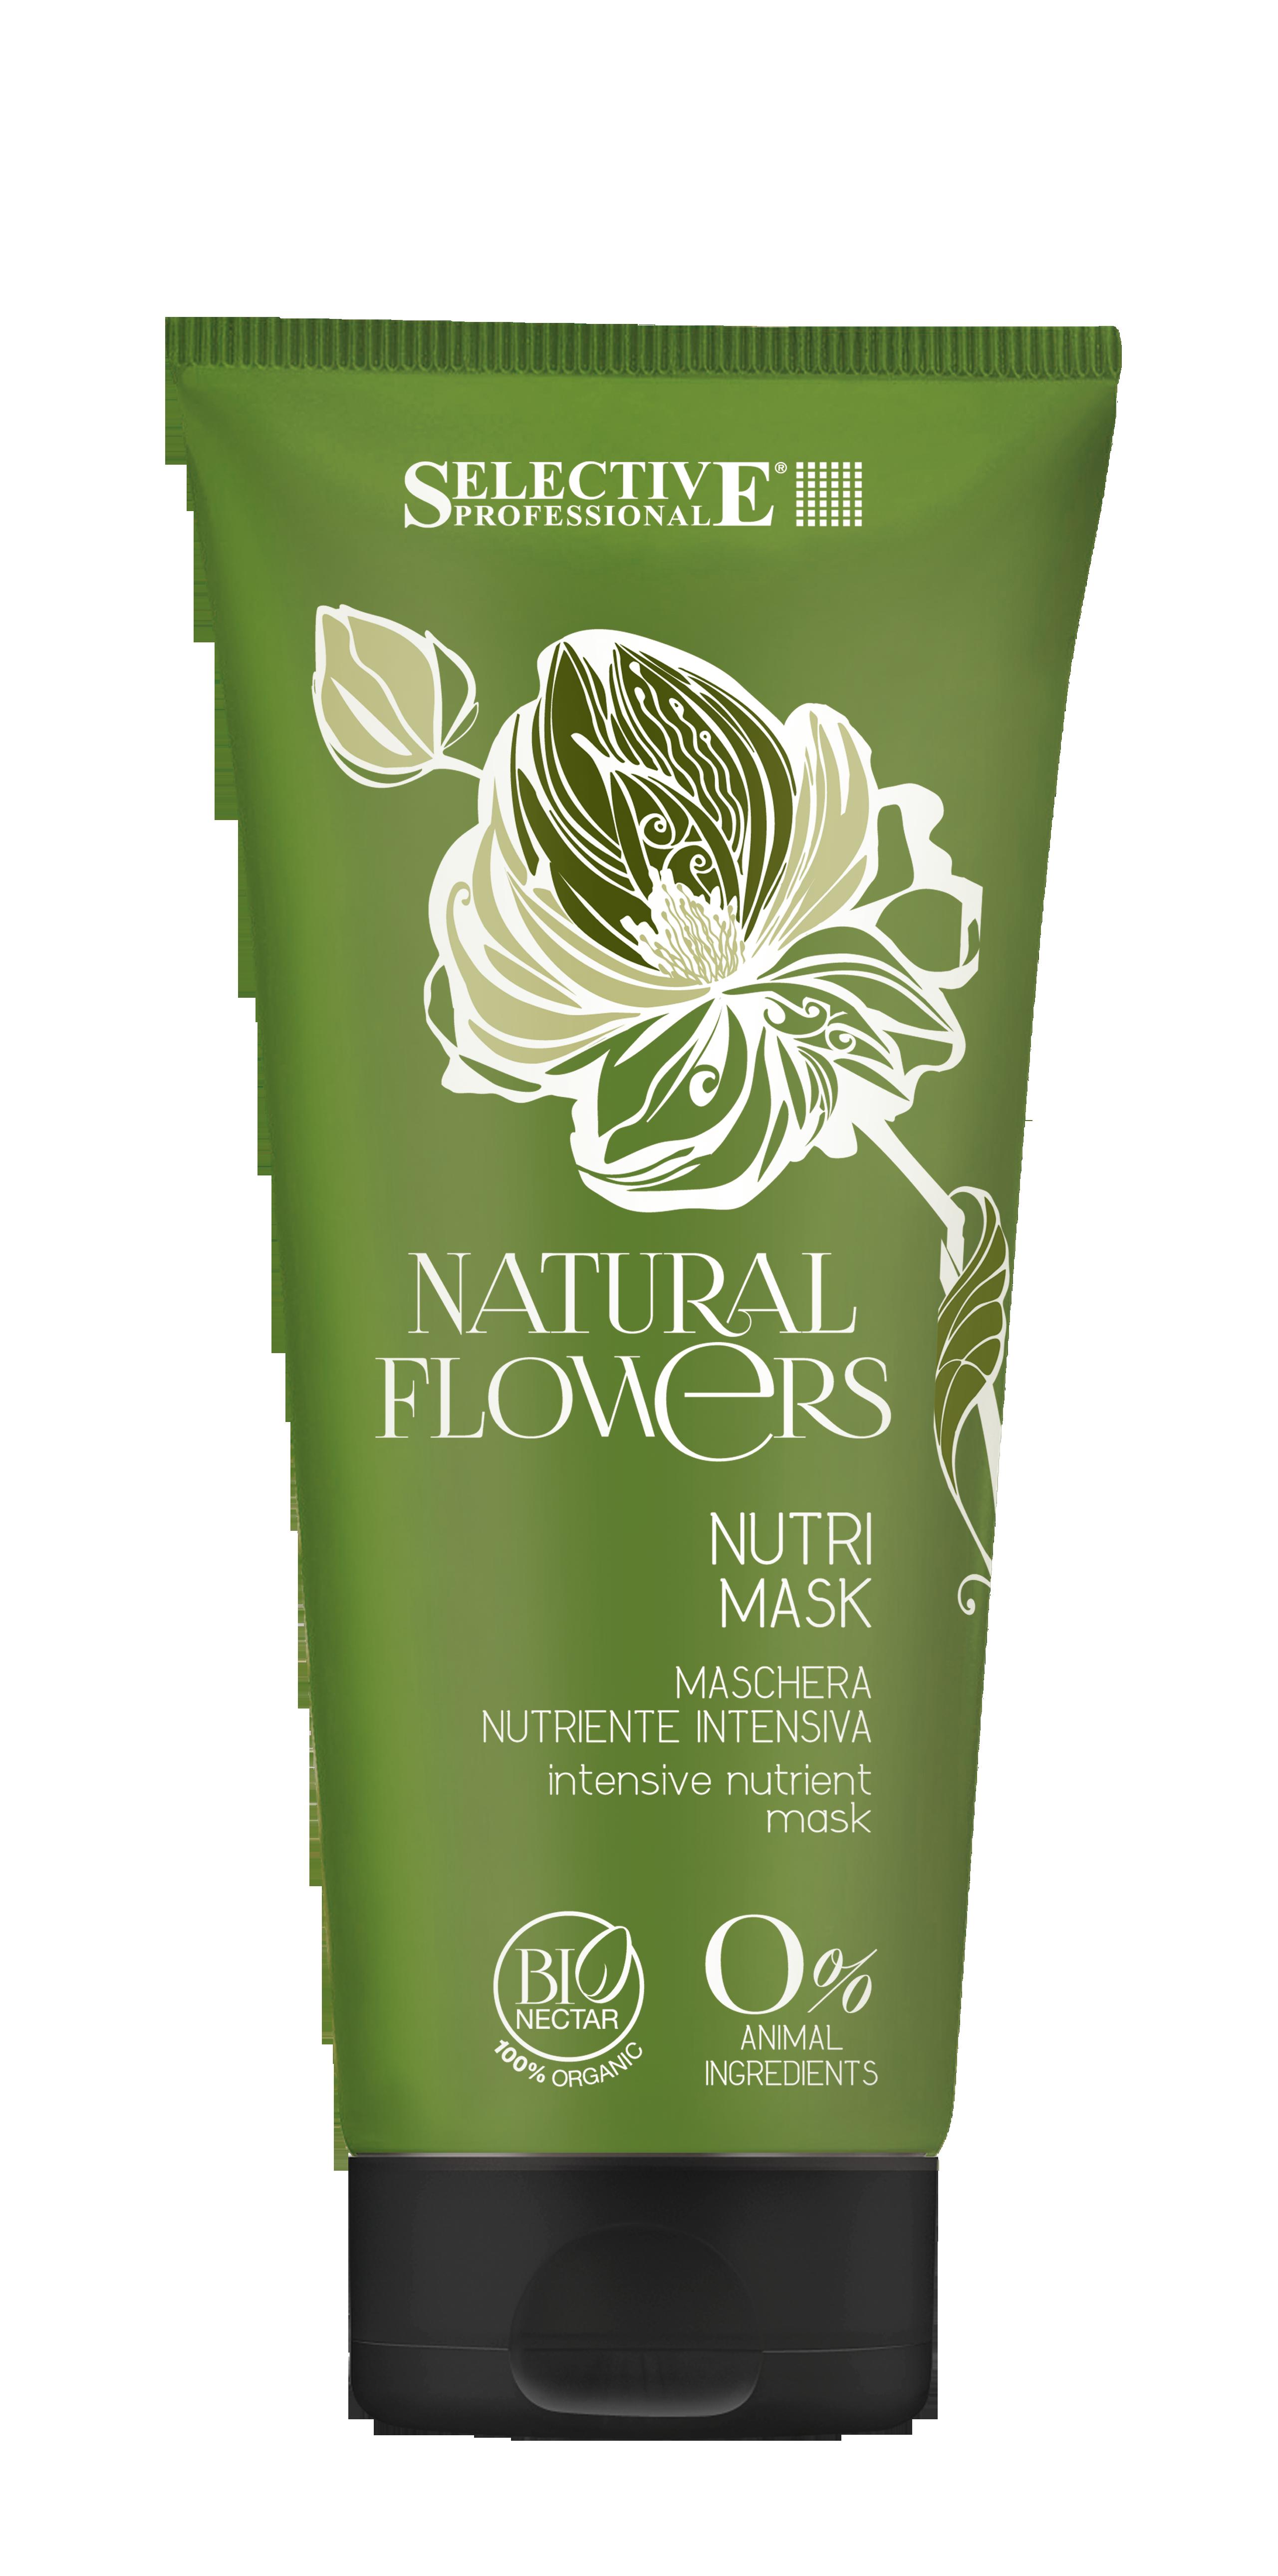 SELECTIVE PROFESSIONAL Маска питательная для восстановления волос / Nutri Mask Natural Flowers 200мл brelil professional hair juice nutri mask